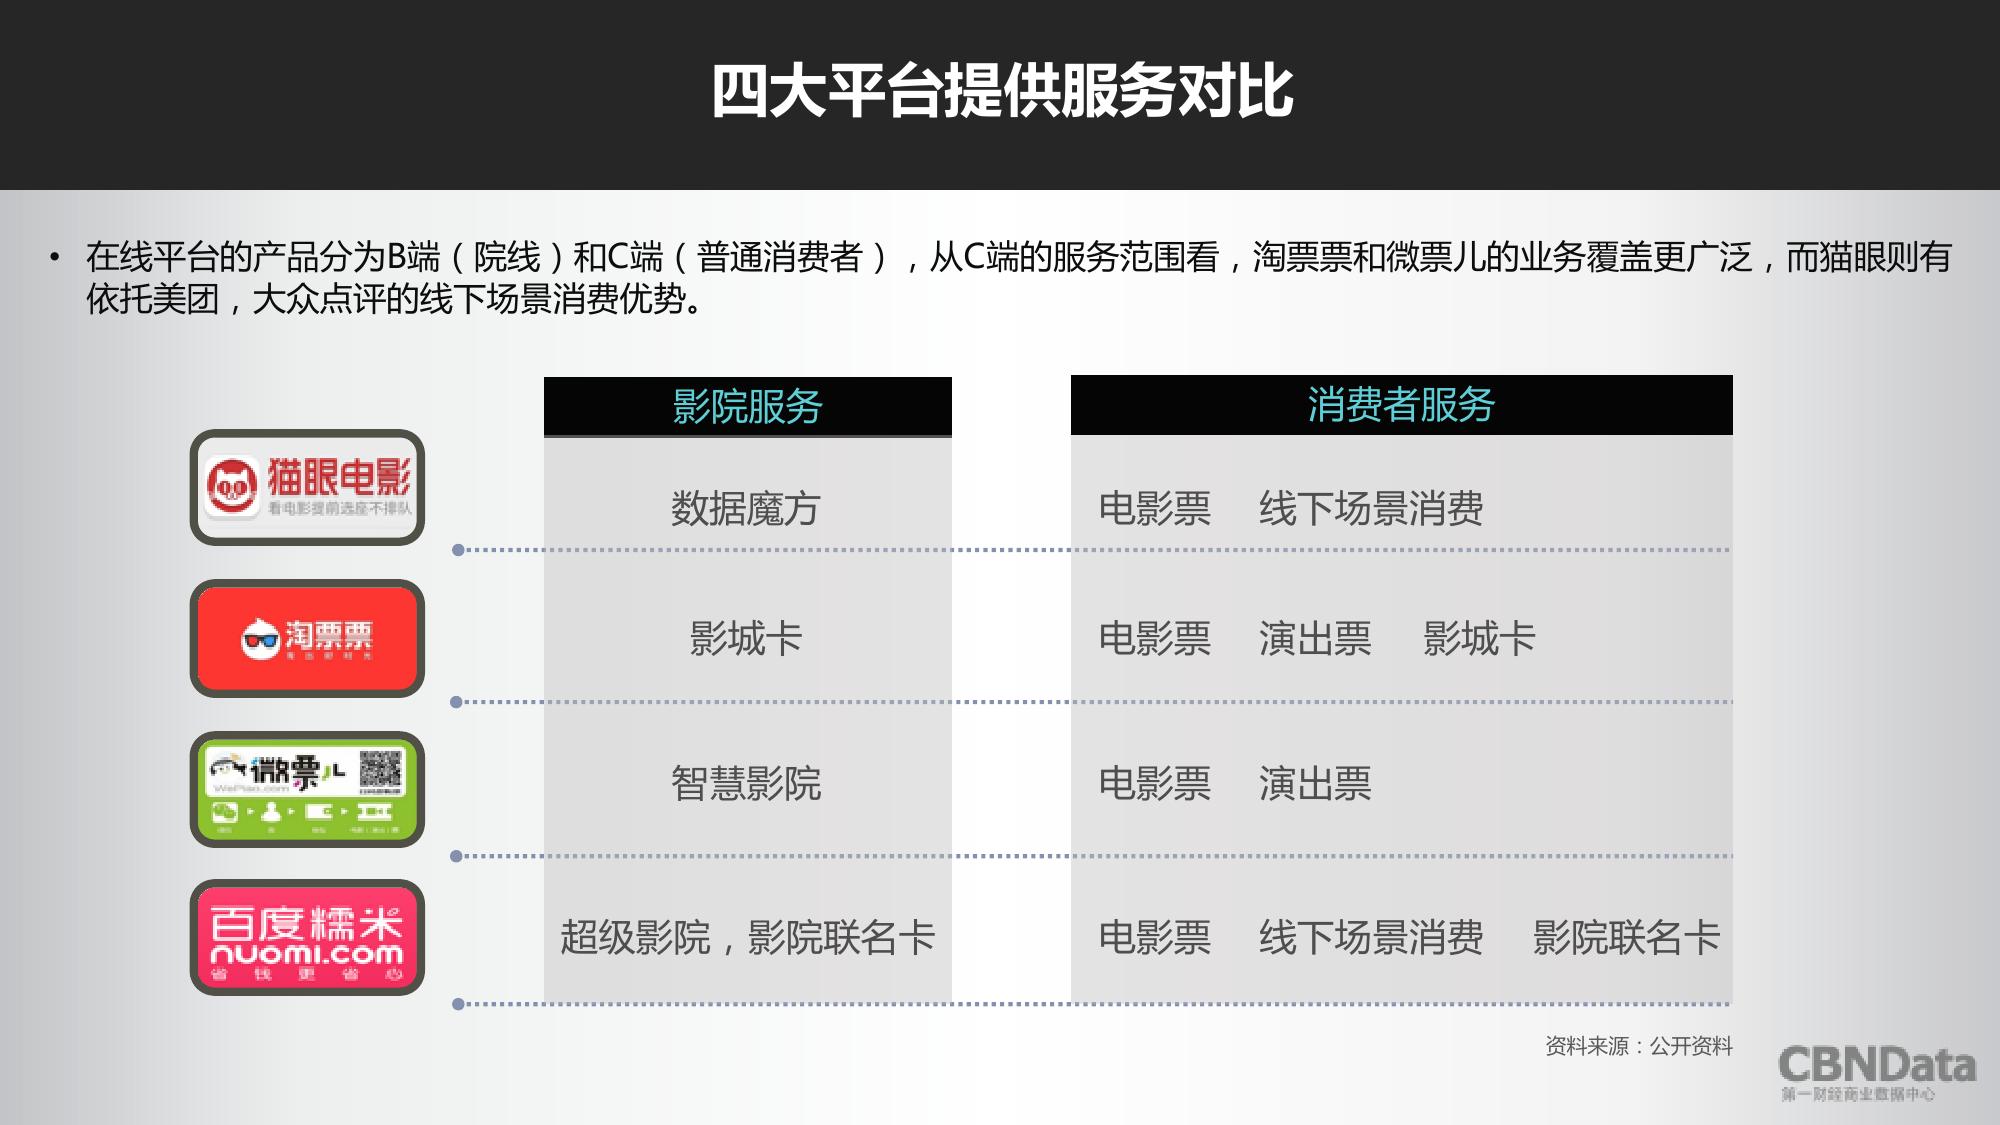 2016上半年中国在线票务平台大数据报告_000014